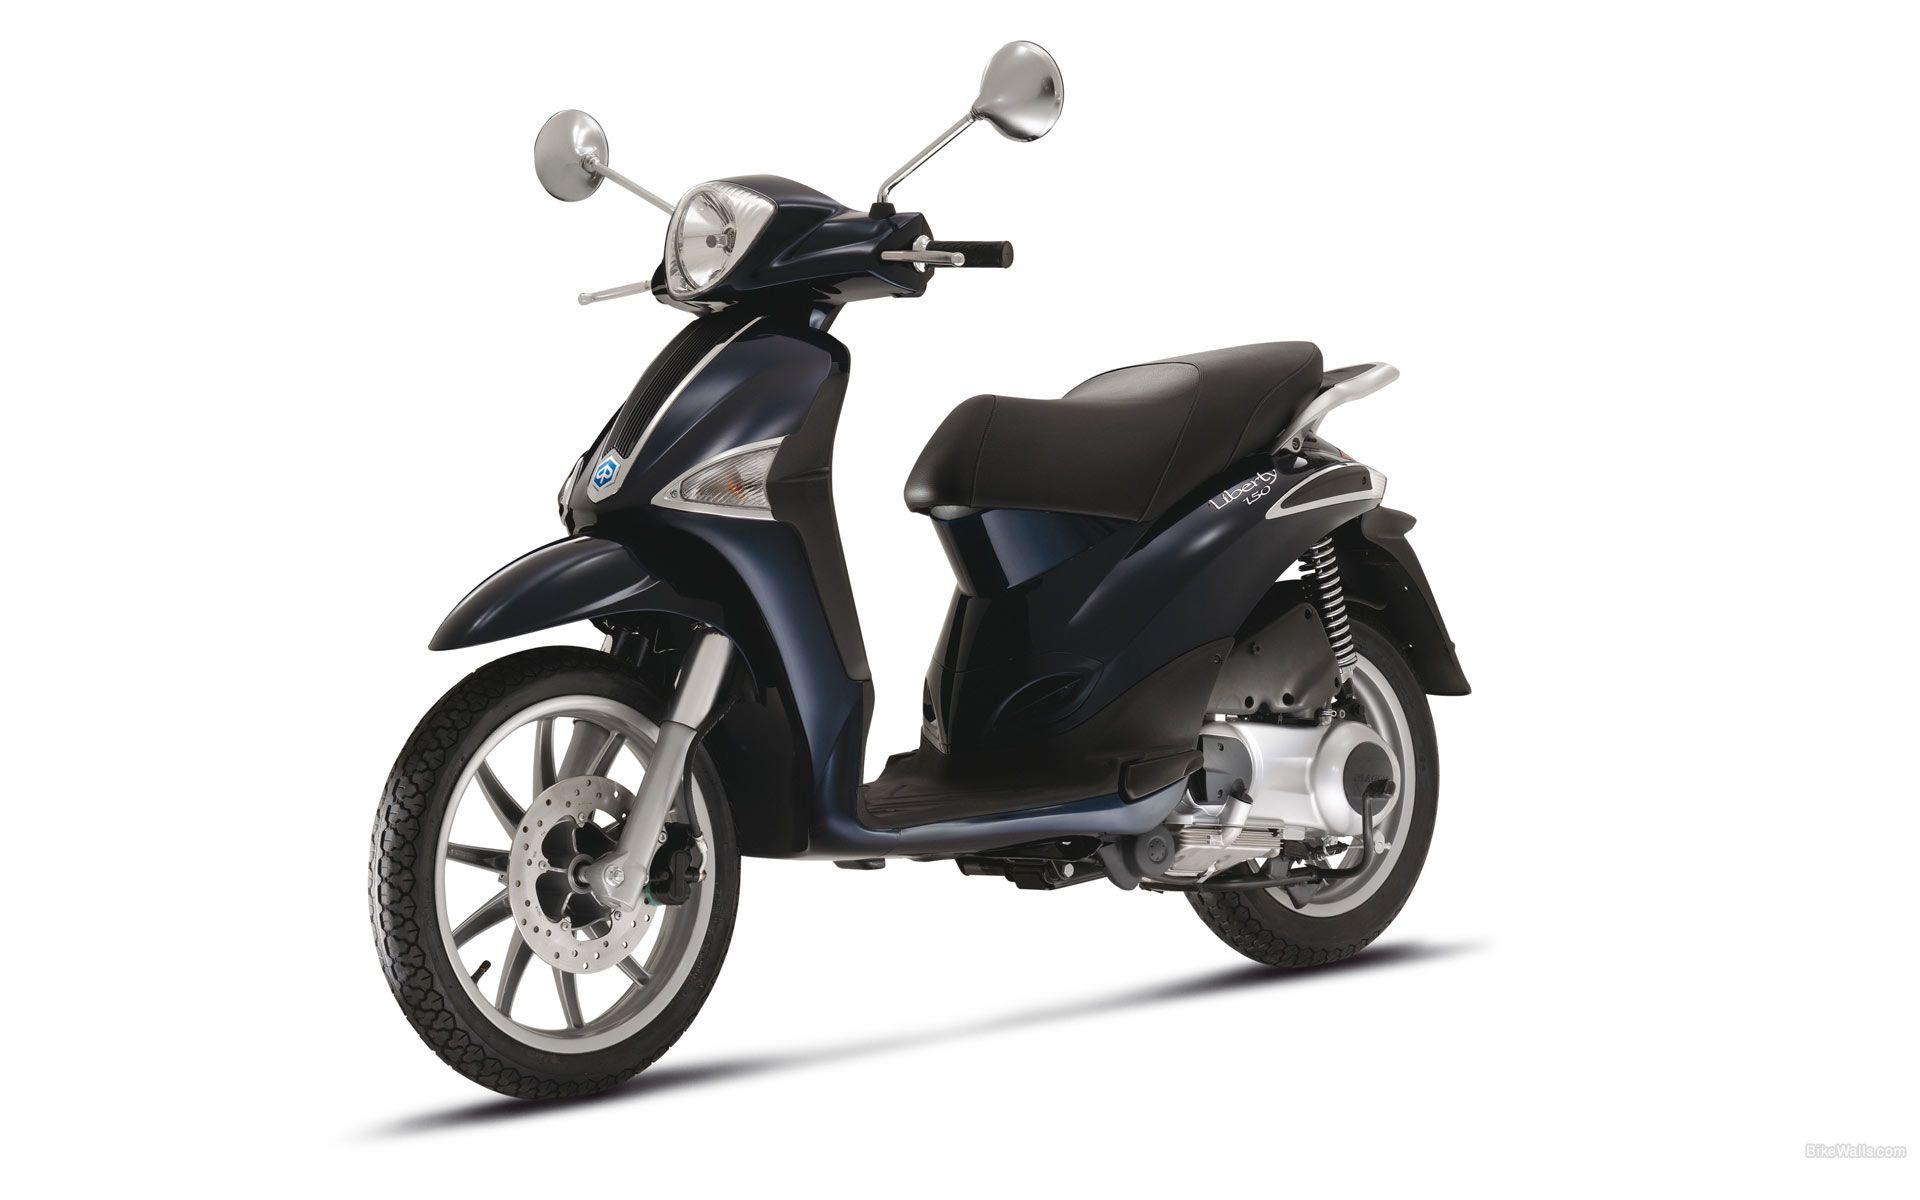 Liberty 125, scheda tecnica e prezzo dello scooter cittadino della Piaggio